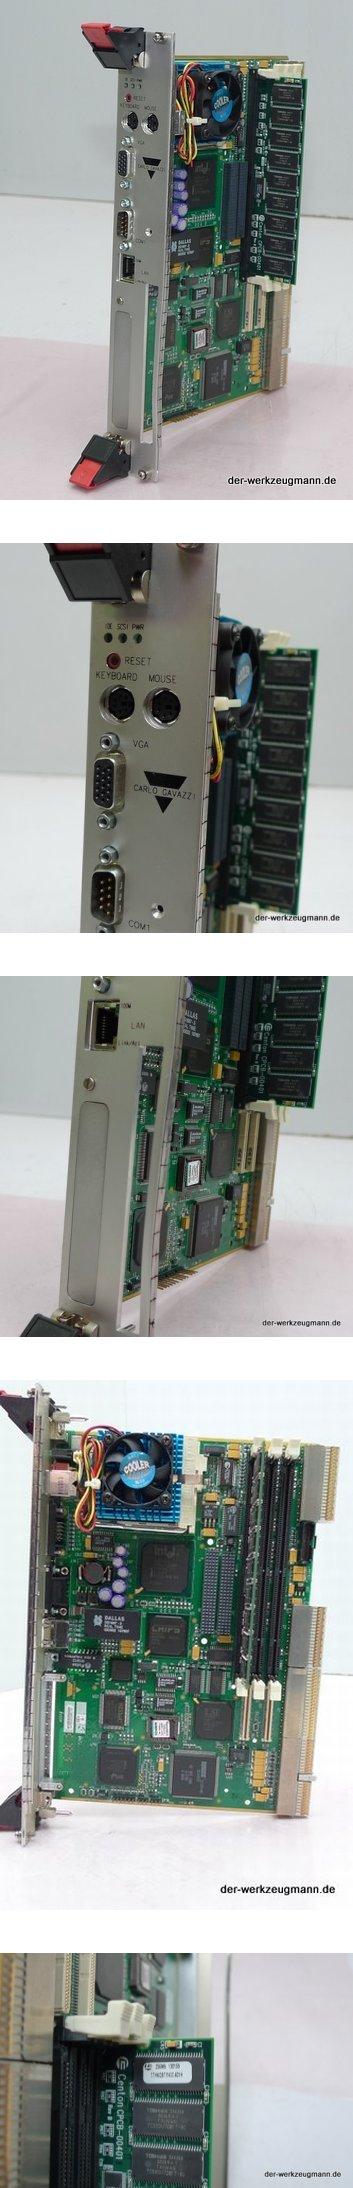 Gavazzi Einbaukarte CPU Pentium II A7834220017